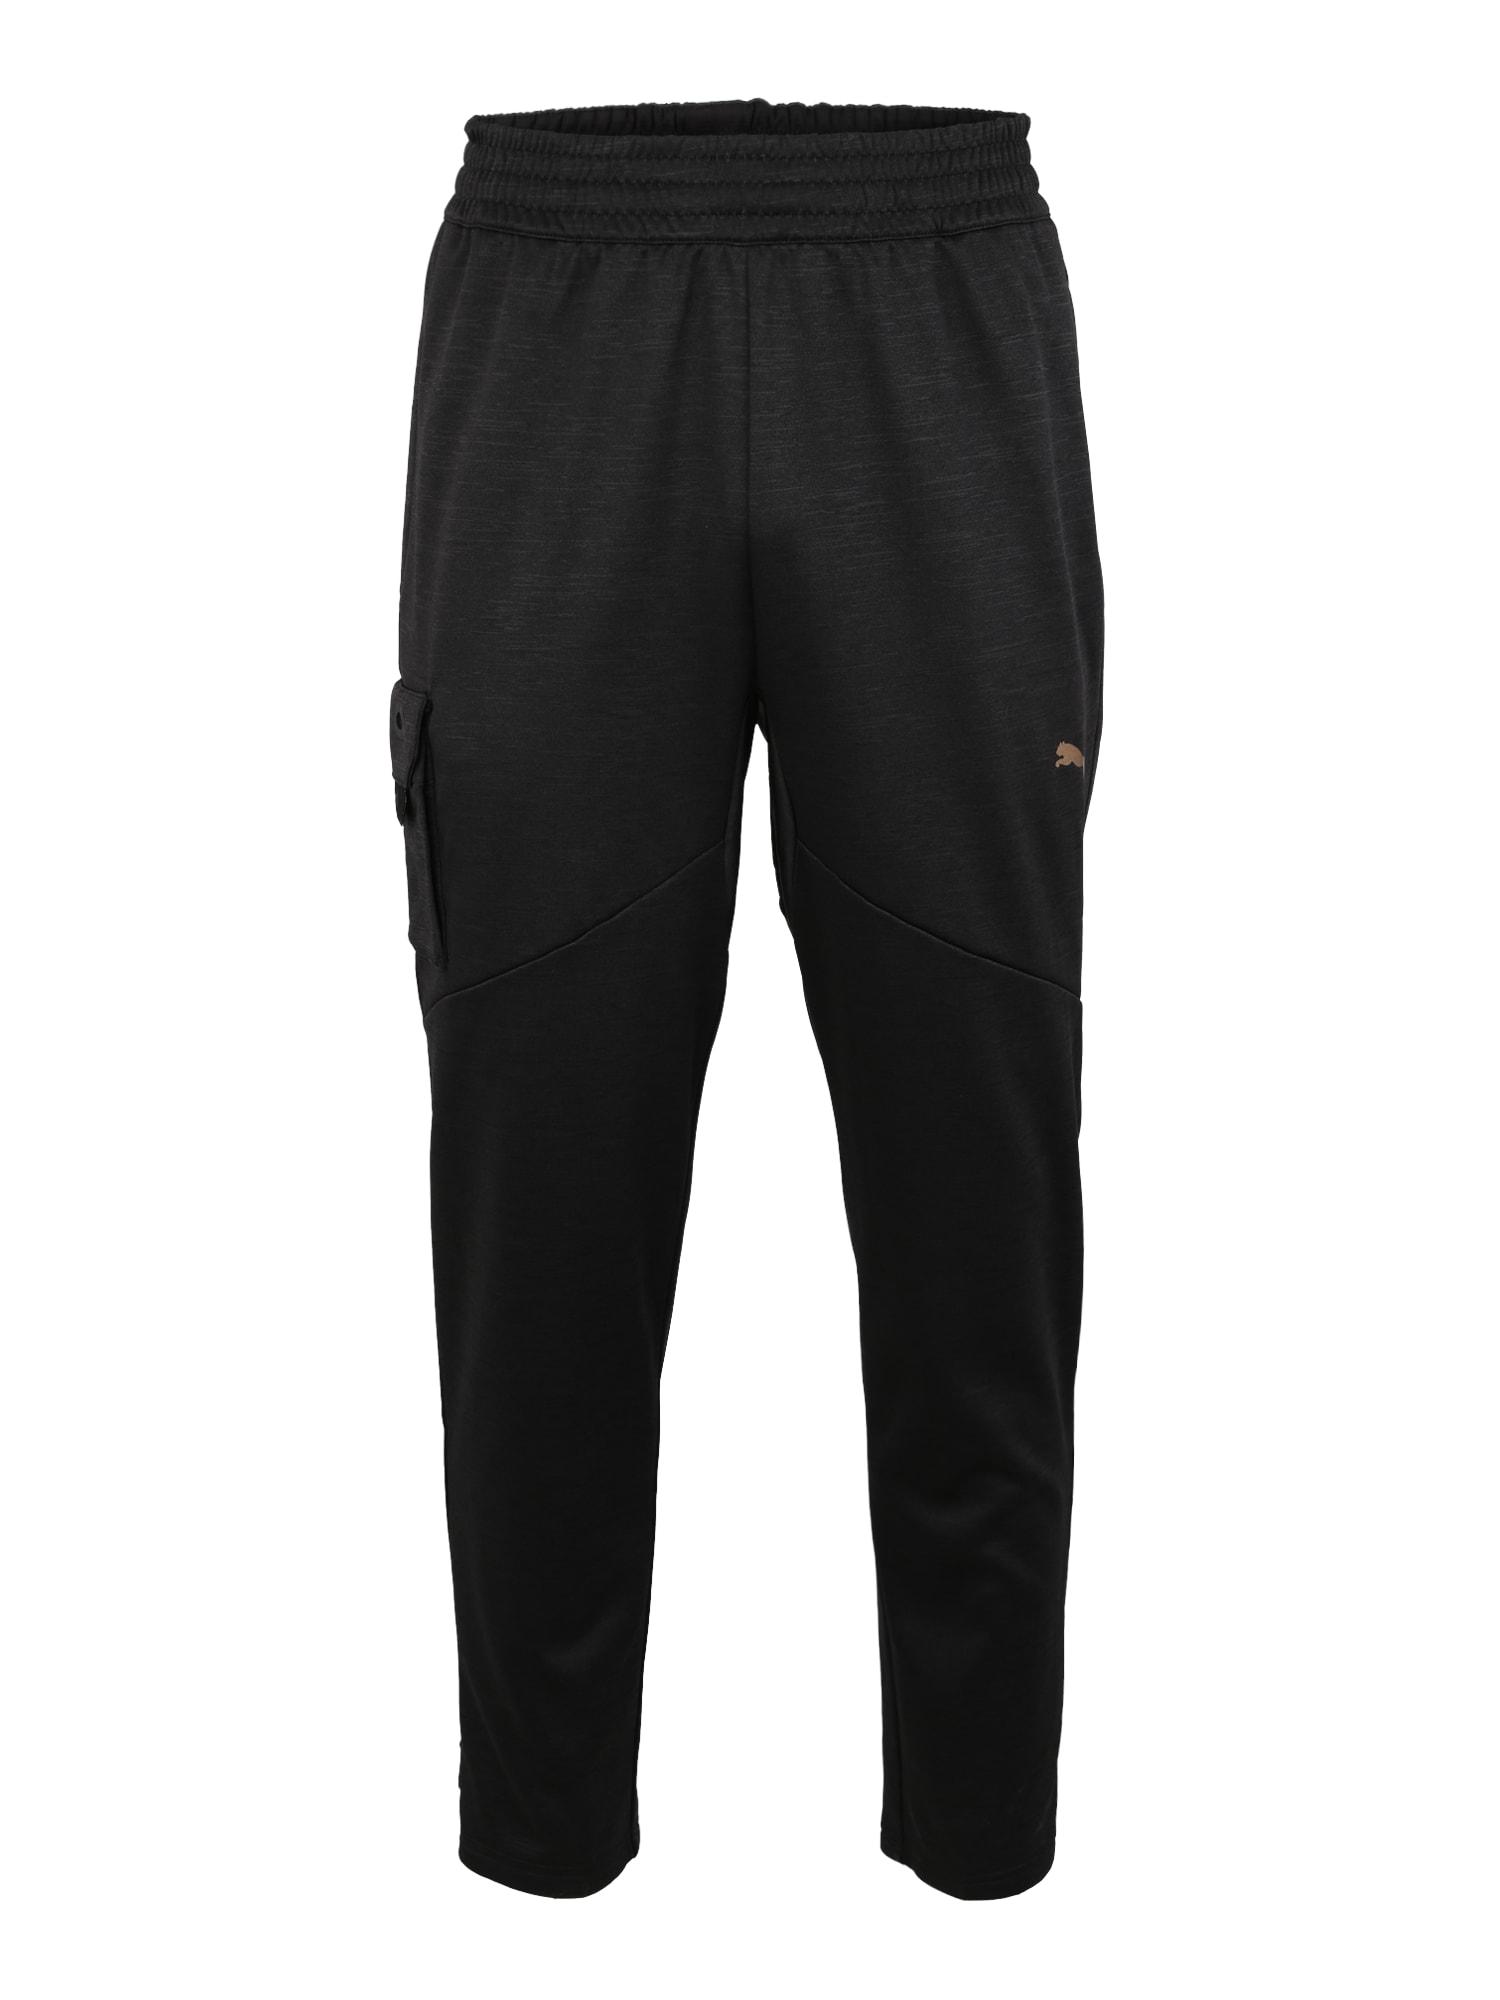 Sportovní kalhoty Q4 černá PUMA